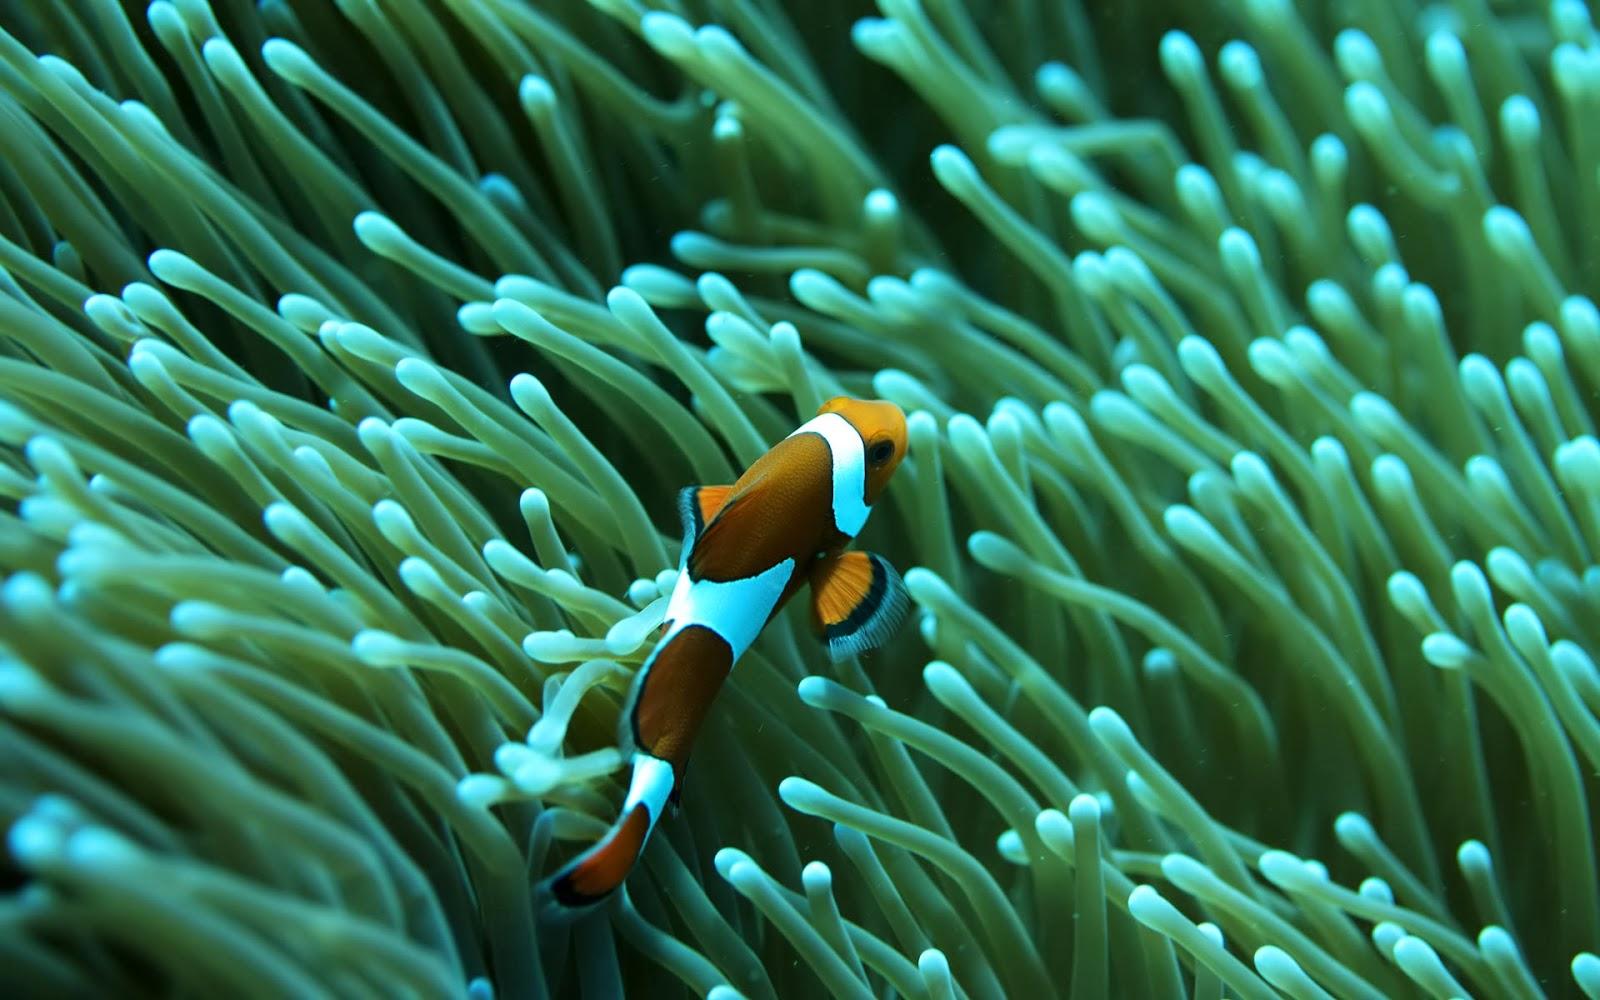 Hình ảnh san hô biển cùng chú cá cảnh